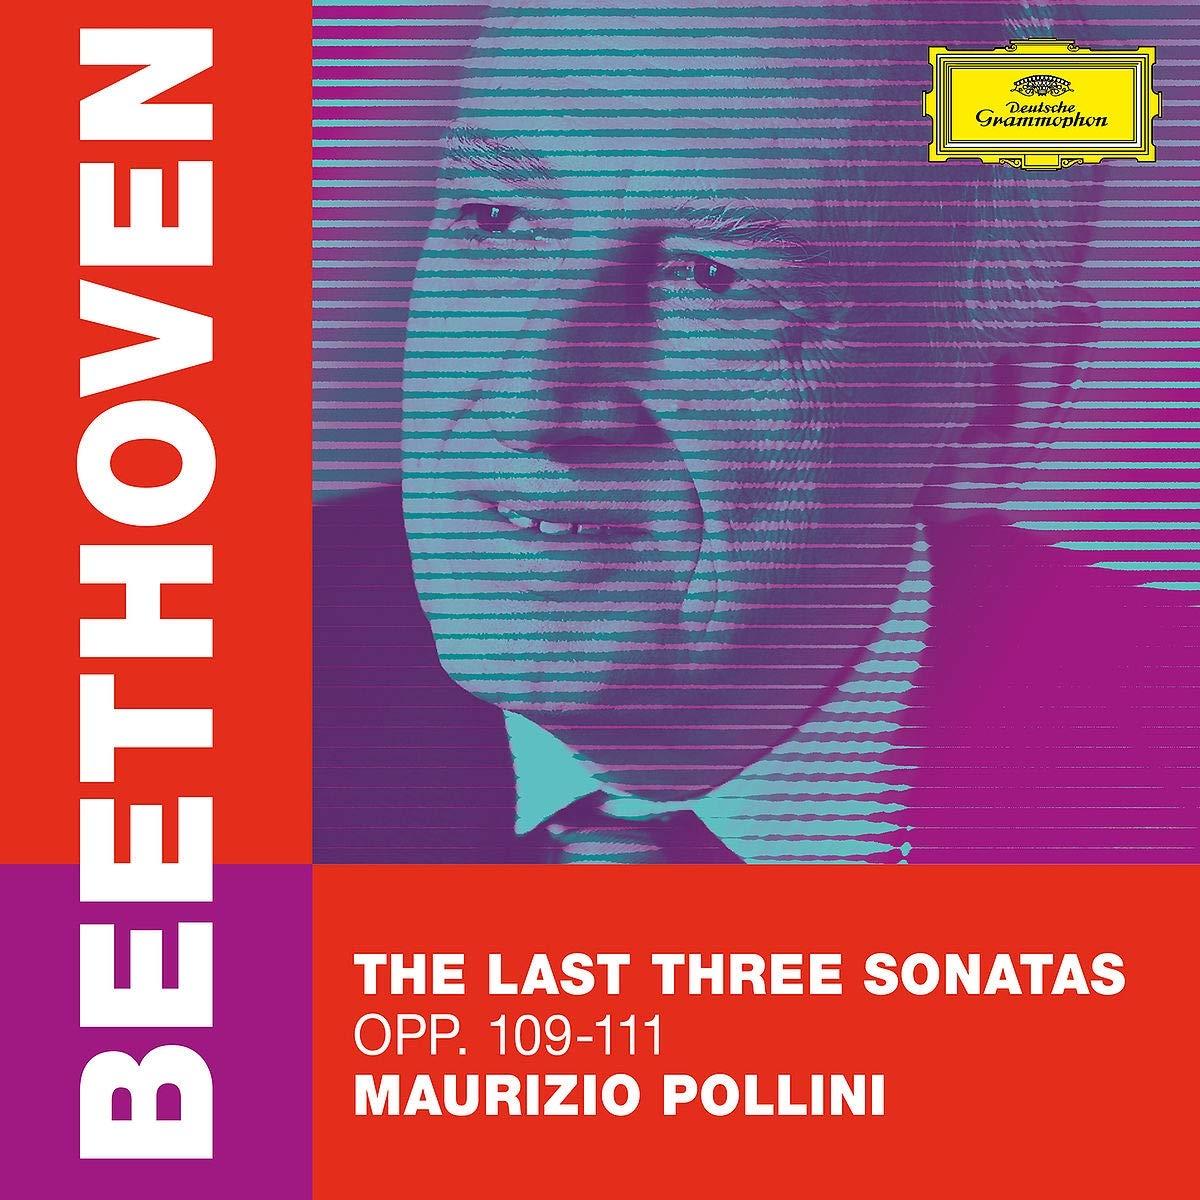 Beethoven: The Last Three Sonatas, Opp. 109-111